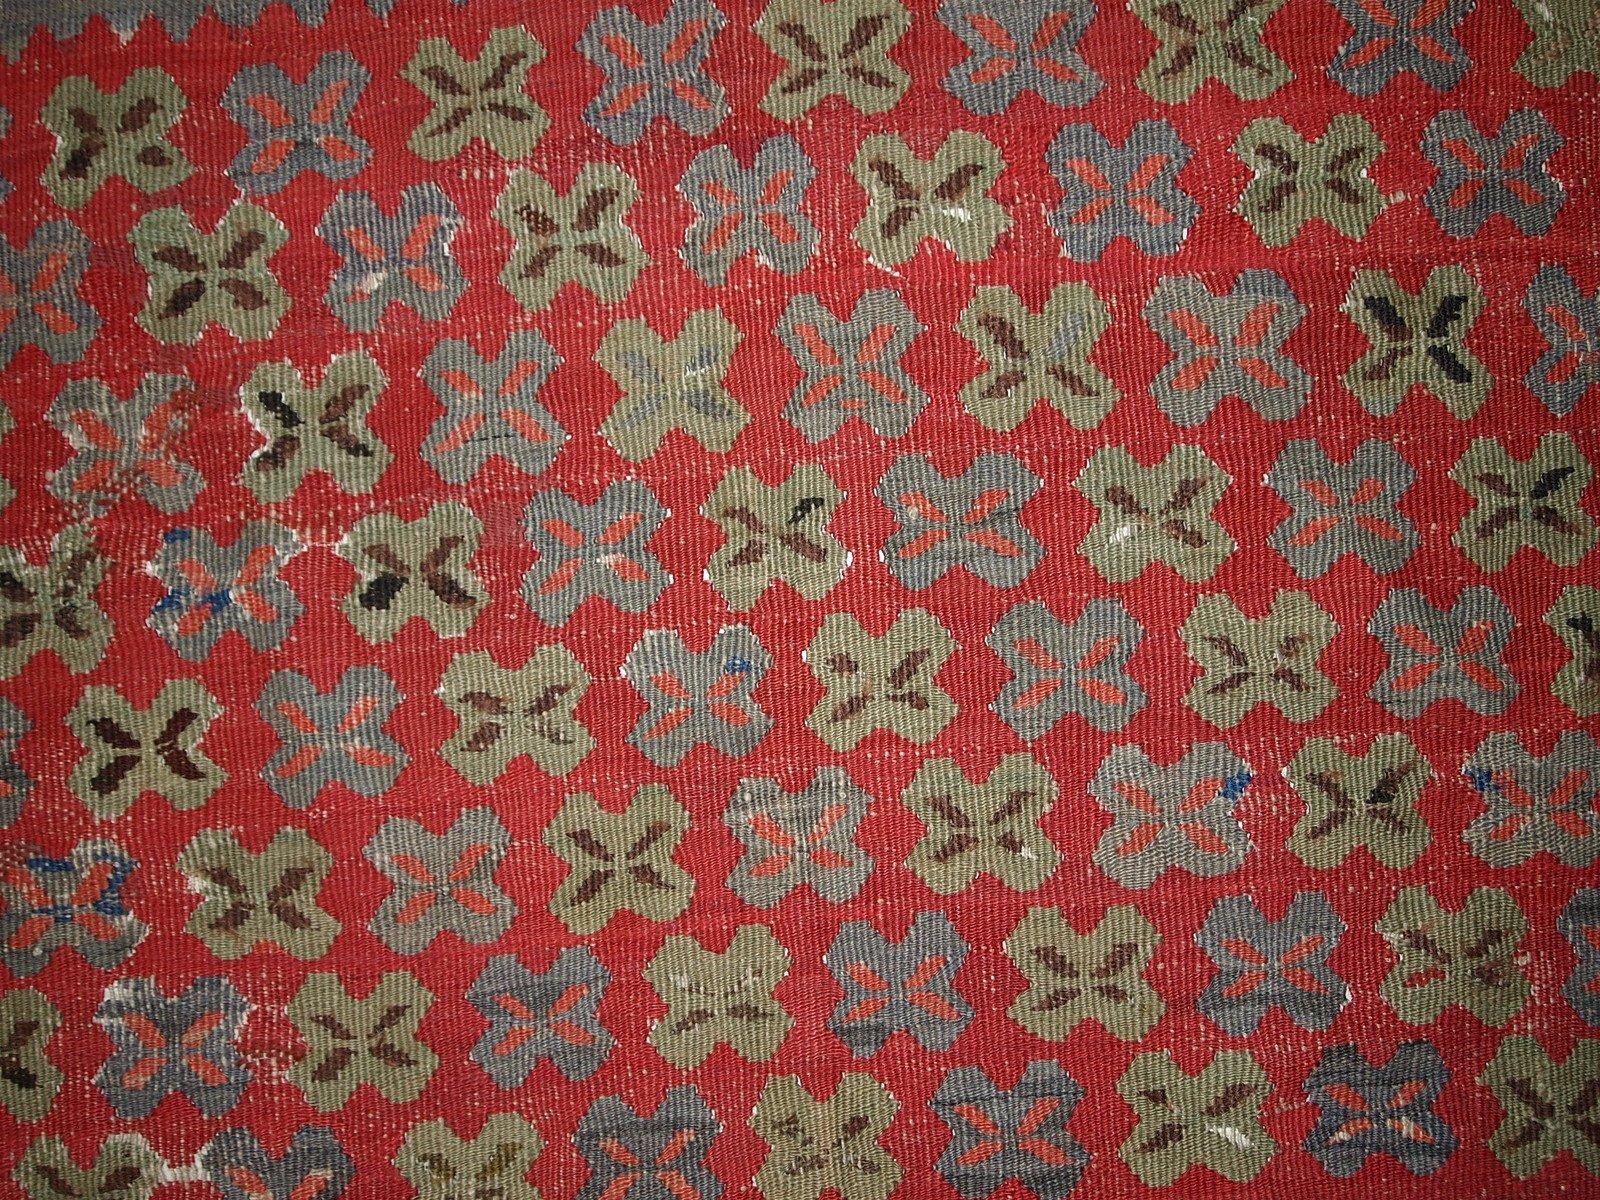 tapis oushak kilim antique fait main turquie 1880s en vente sur pamono. Black Bedroom Furniture Sets. Home Design Ideas